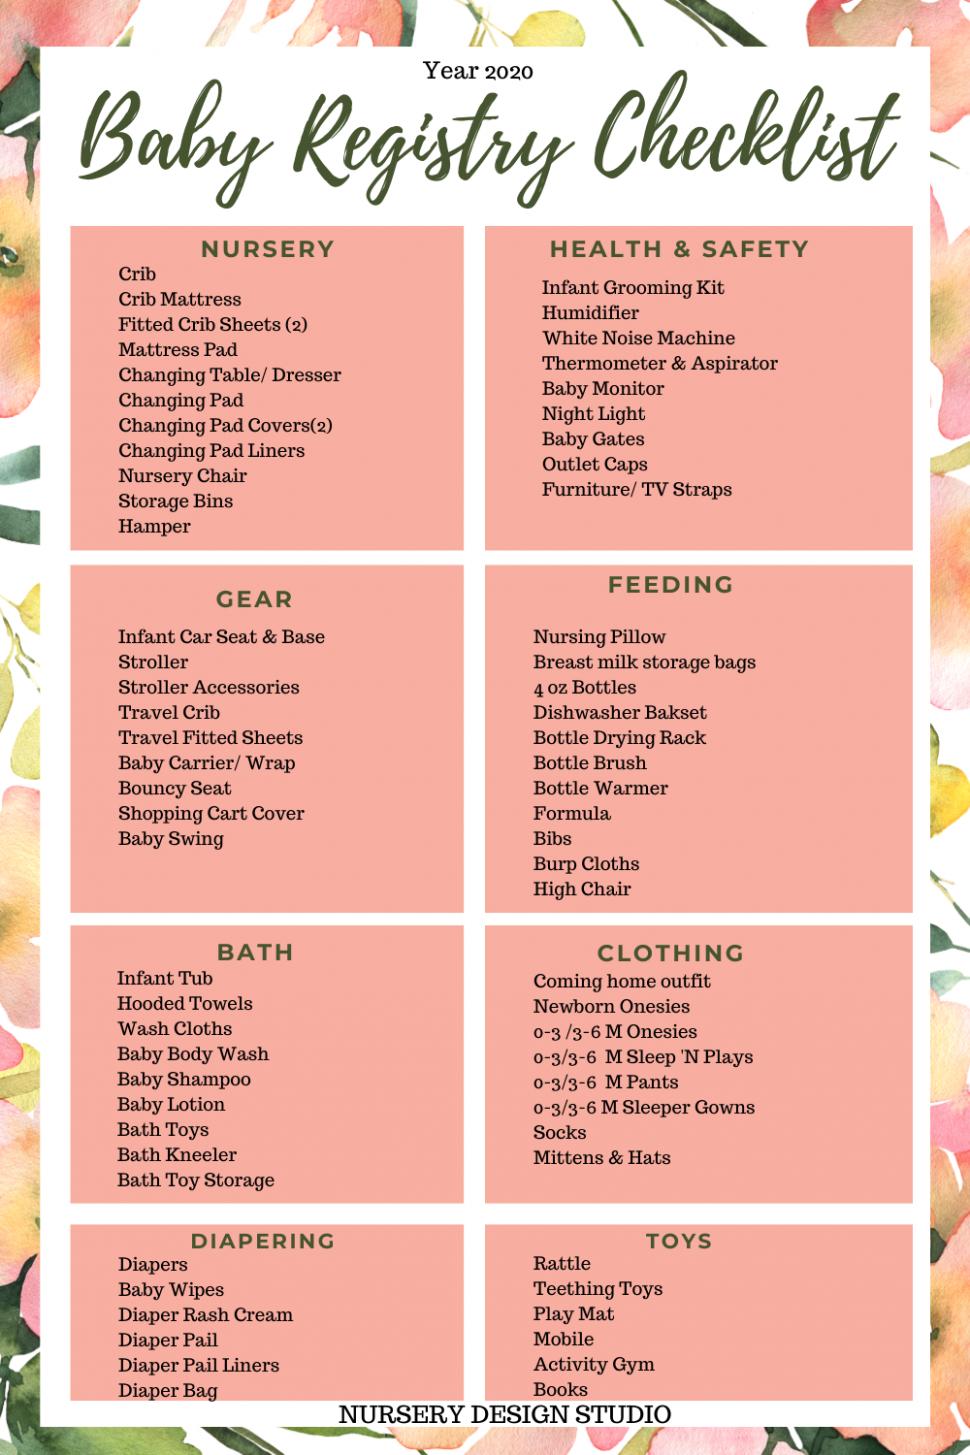 BABY REGISTRY CHECKLIST 11 AND PRINTABLE  Nursery Design Studio - Baby Room Checklist